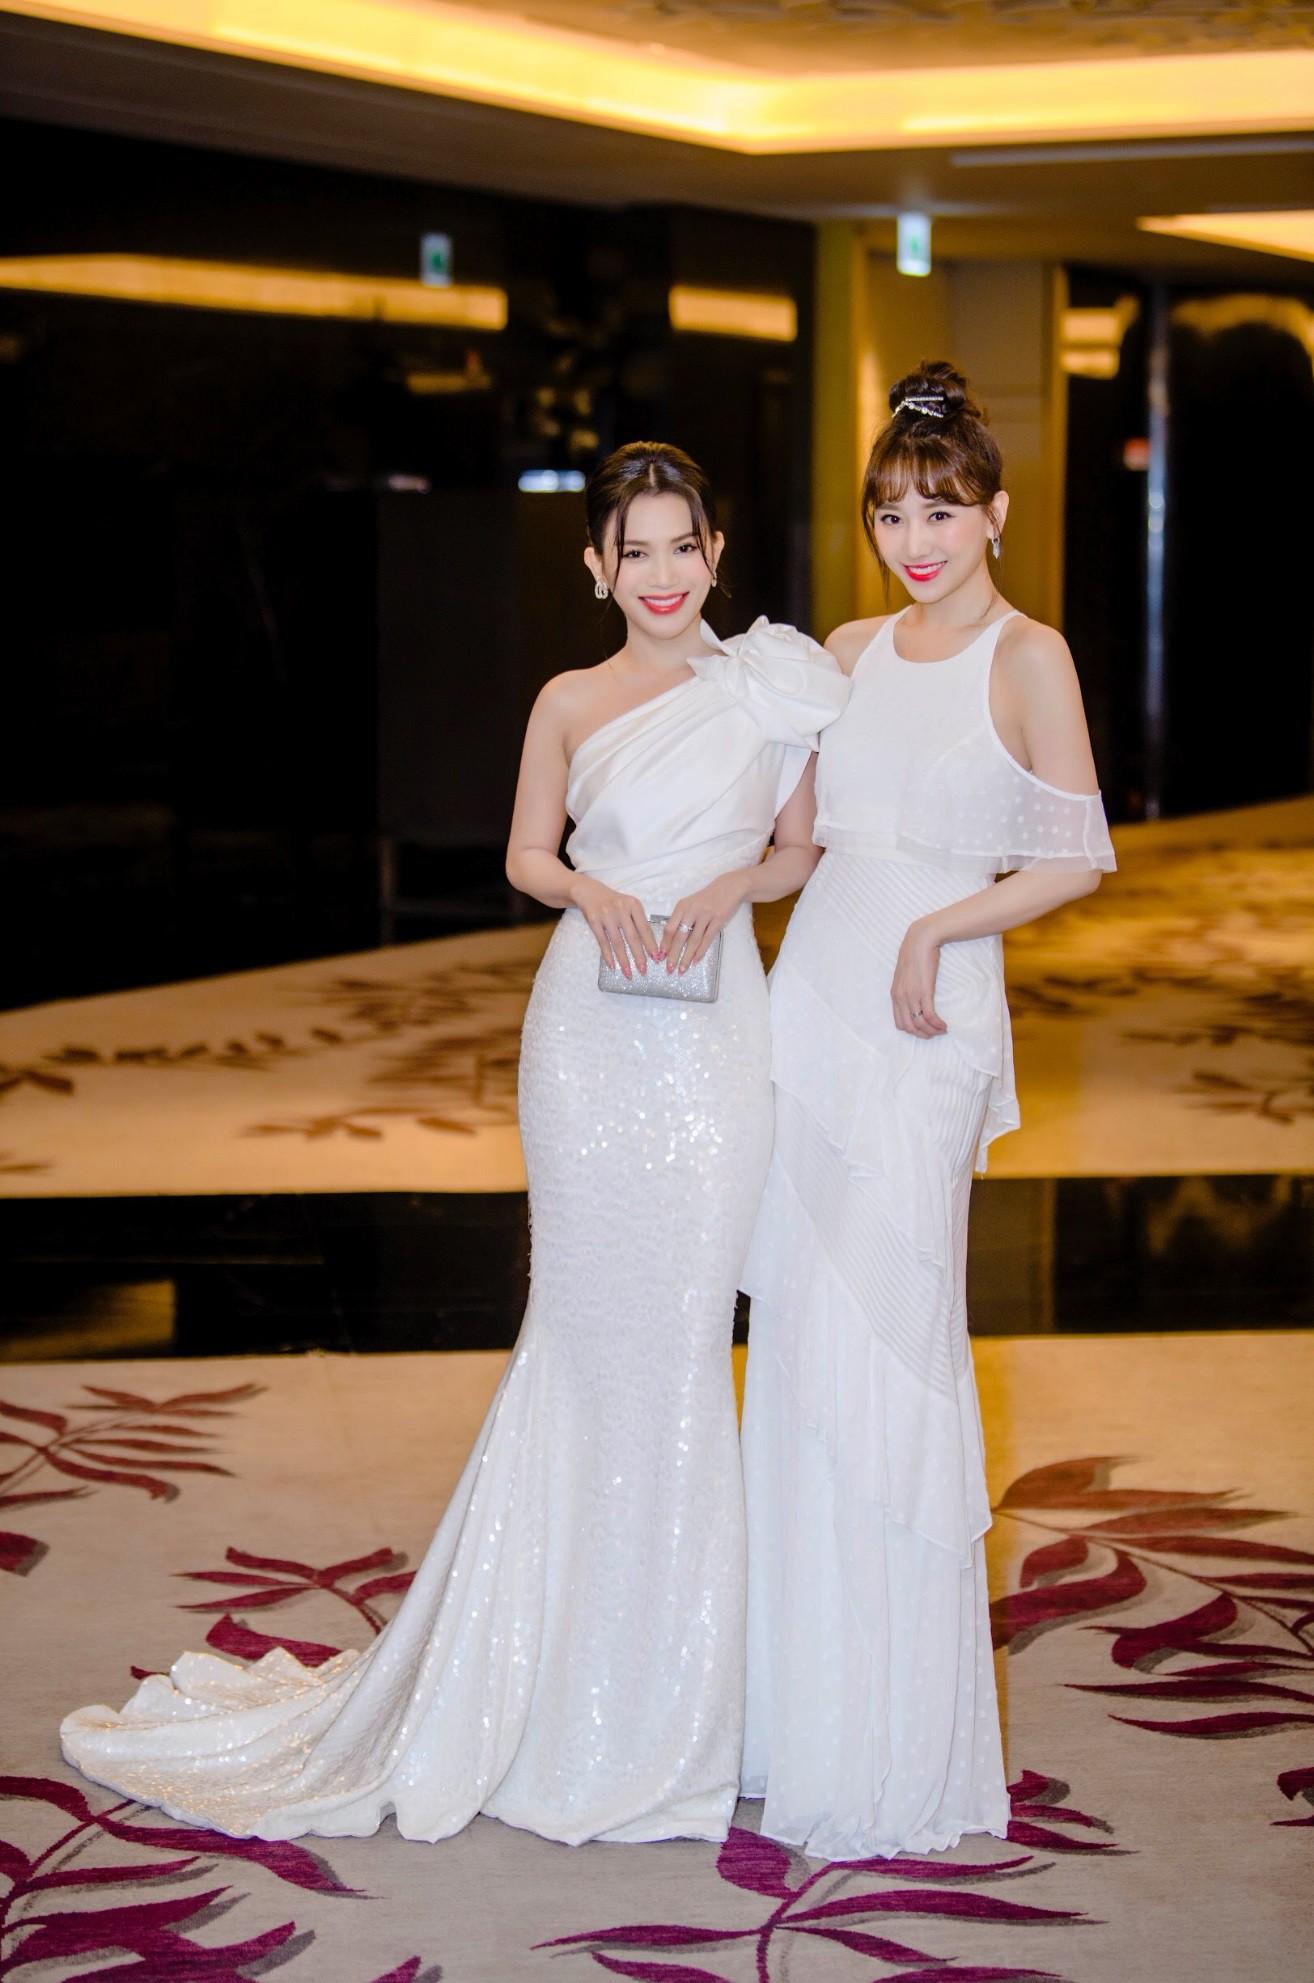 Hariwon, Helly Tống, Sĩ Thanh cùng dàn hoa hậu Việt hào hứng trải nghiệm dòng sản phẩm công nghệ làm đẹp độc đáo - Ảnh 5.